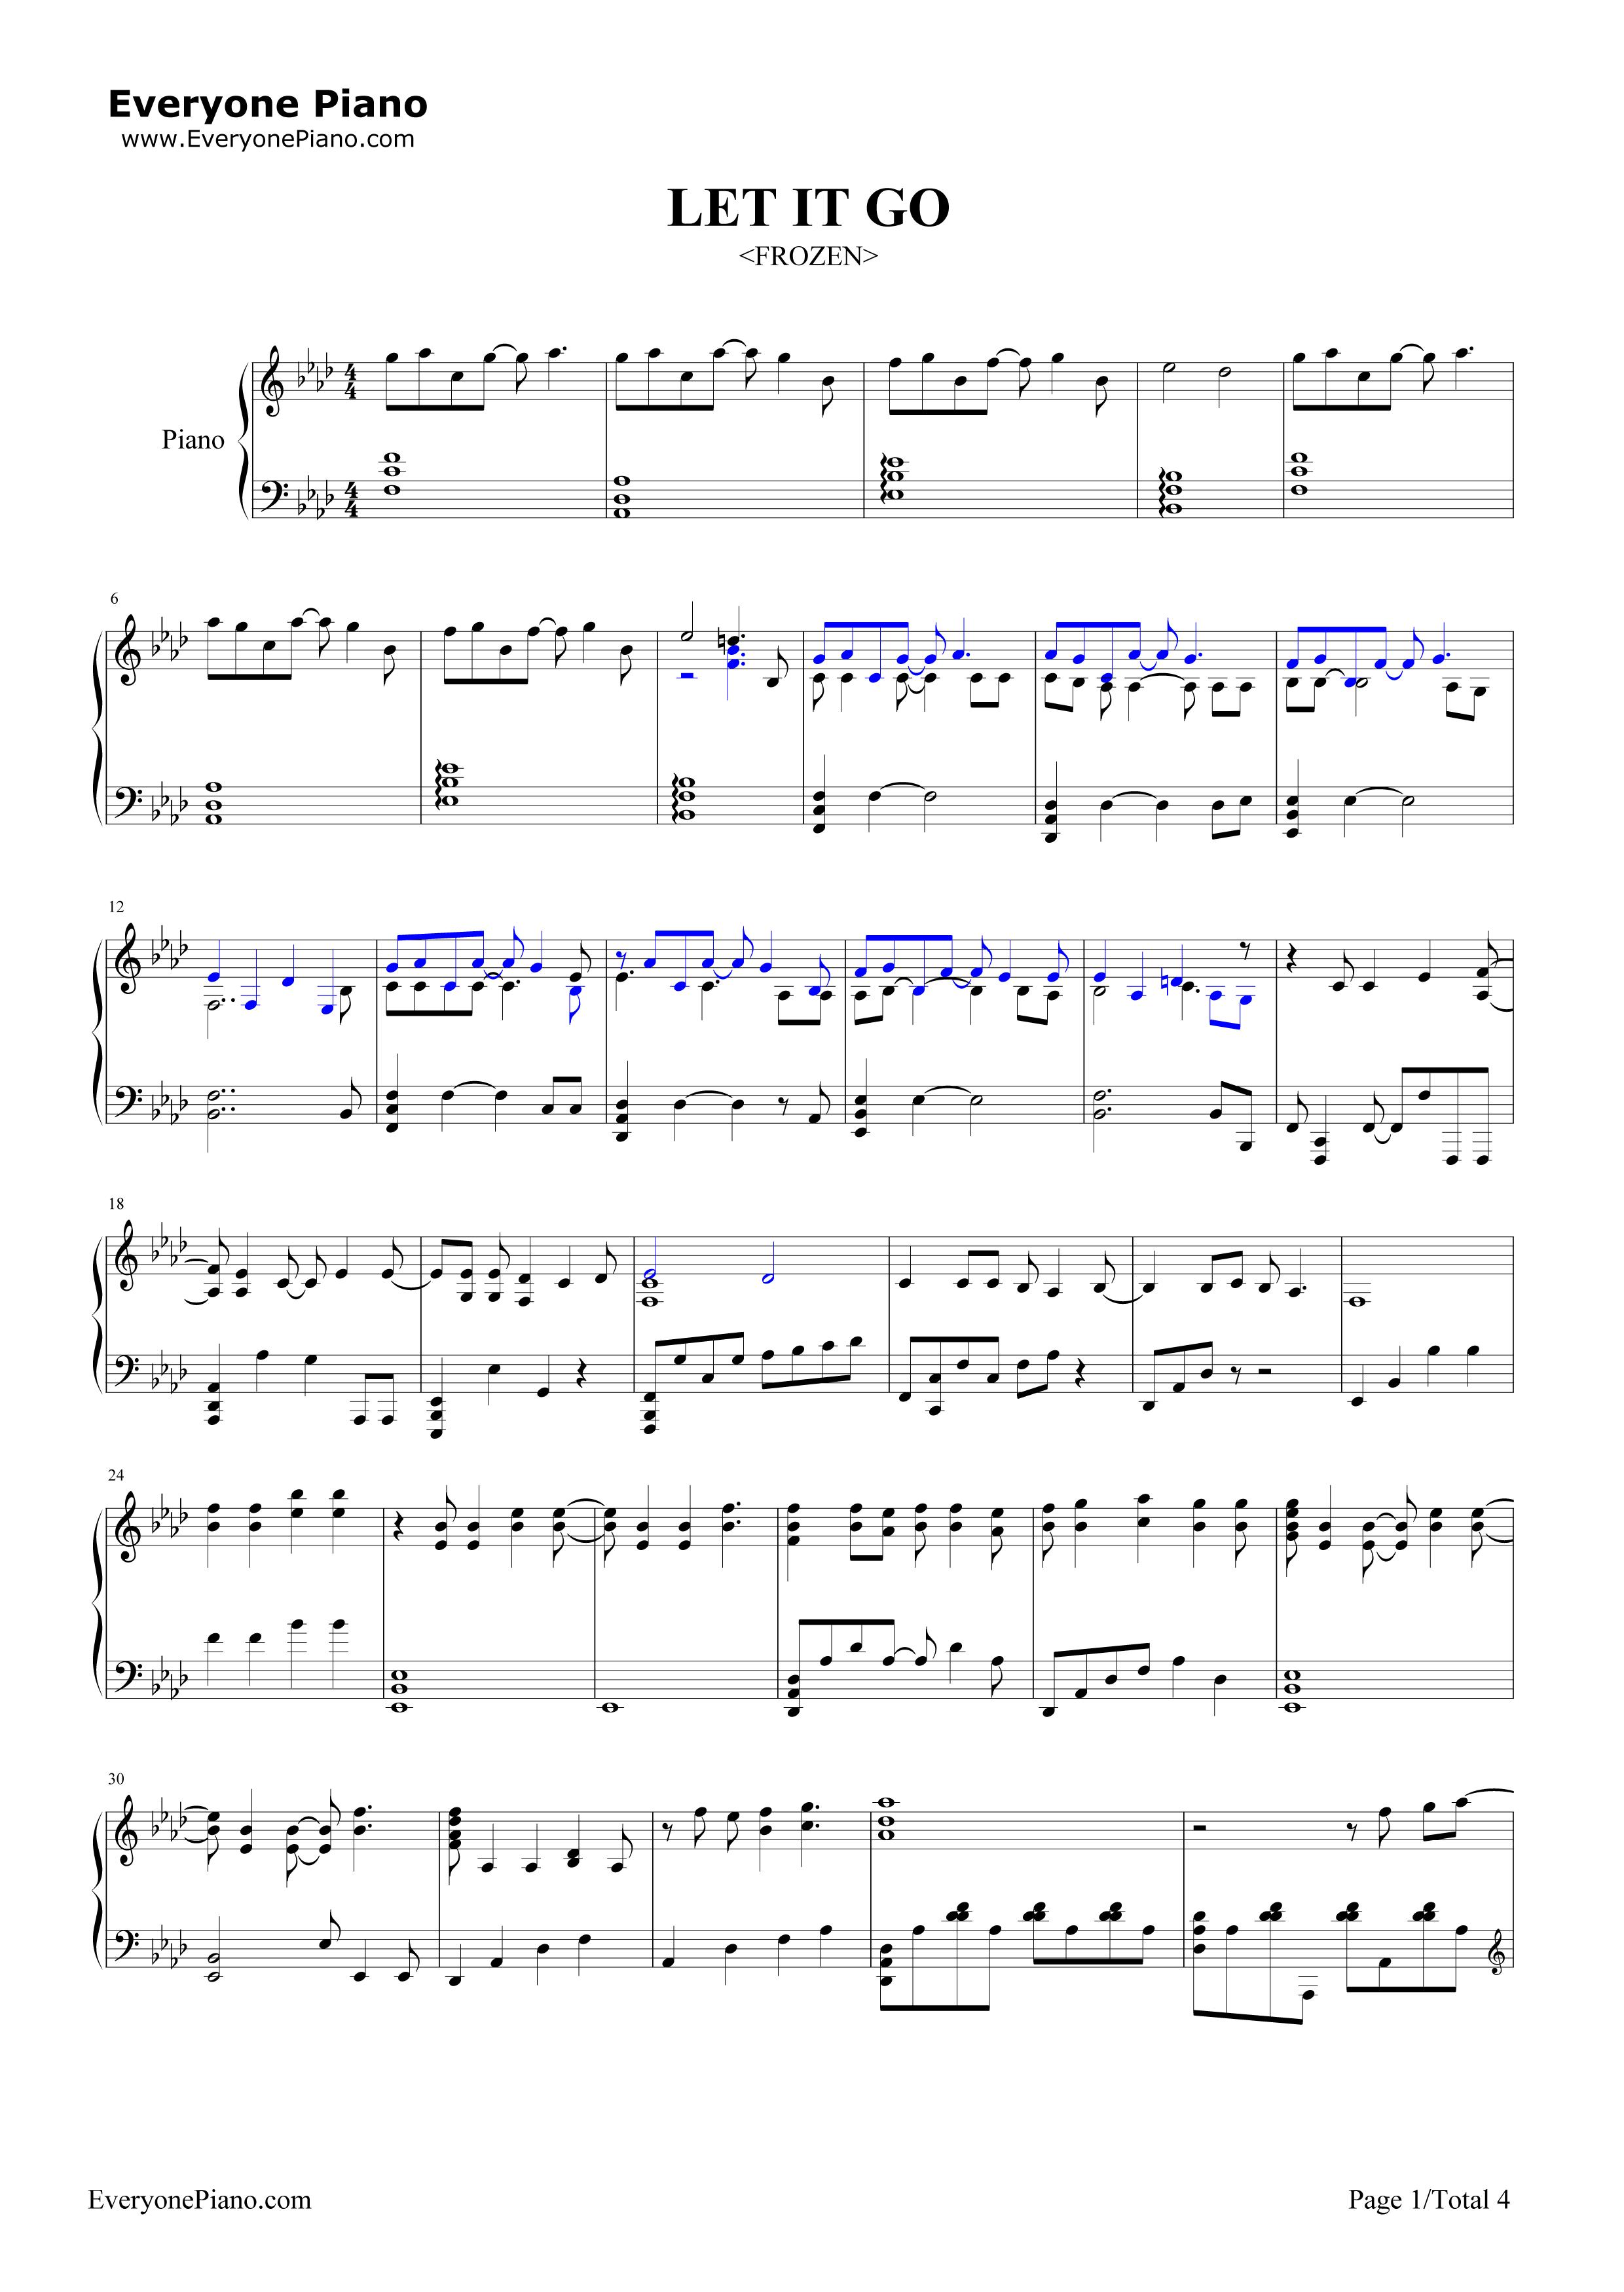 钢琴曲谱 流行 let it go完整版-动画冰雪奇缘主题曲 let it go完整版